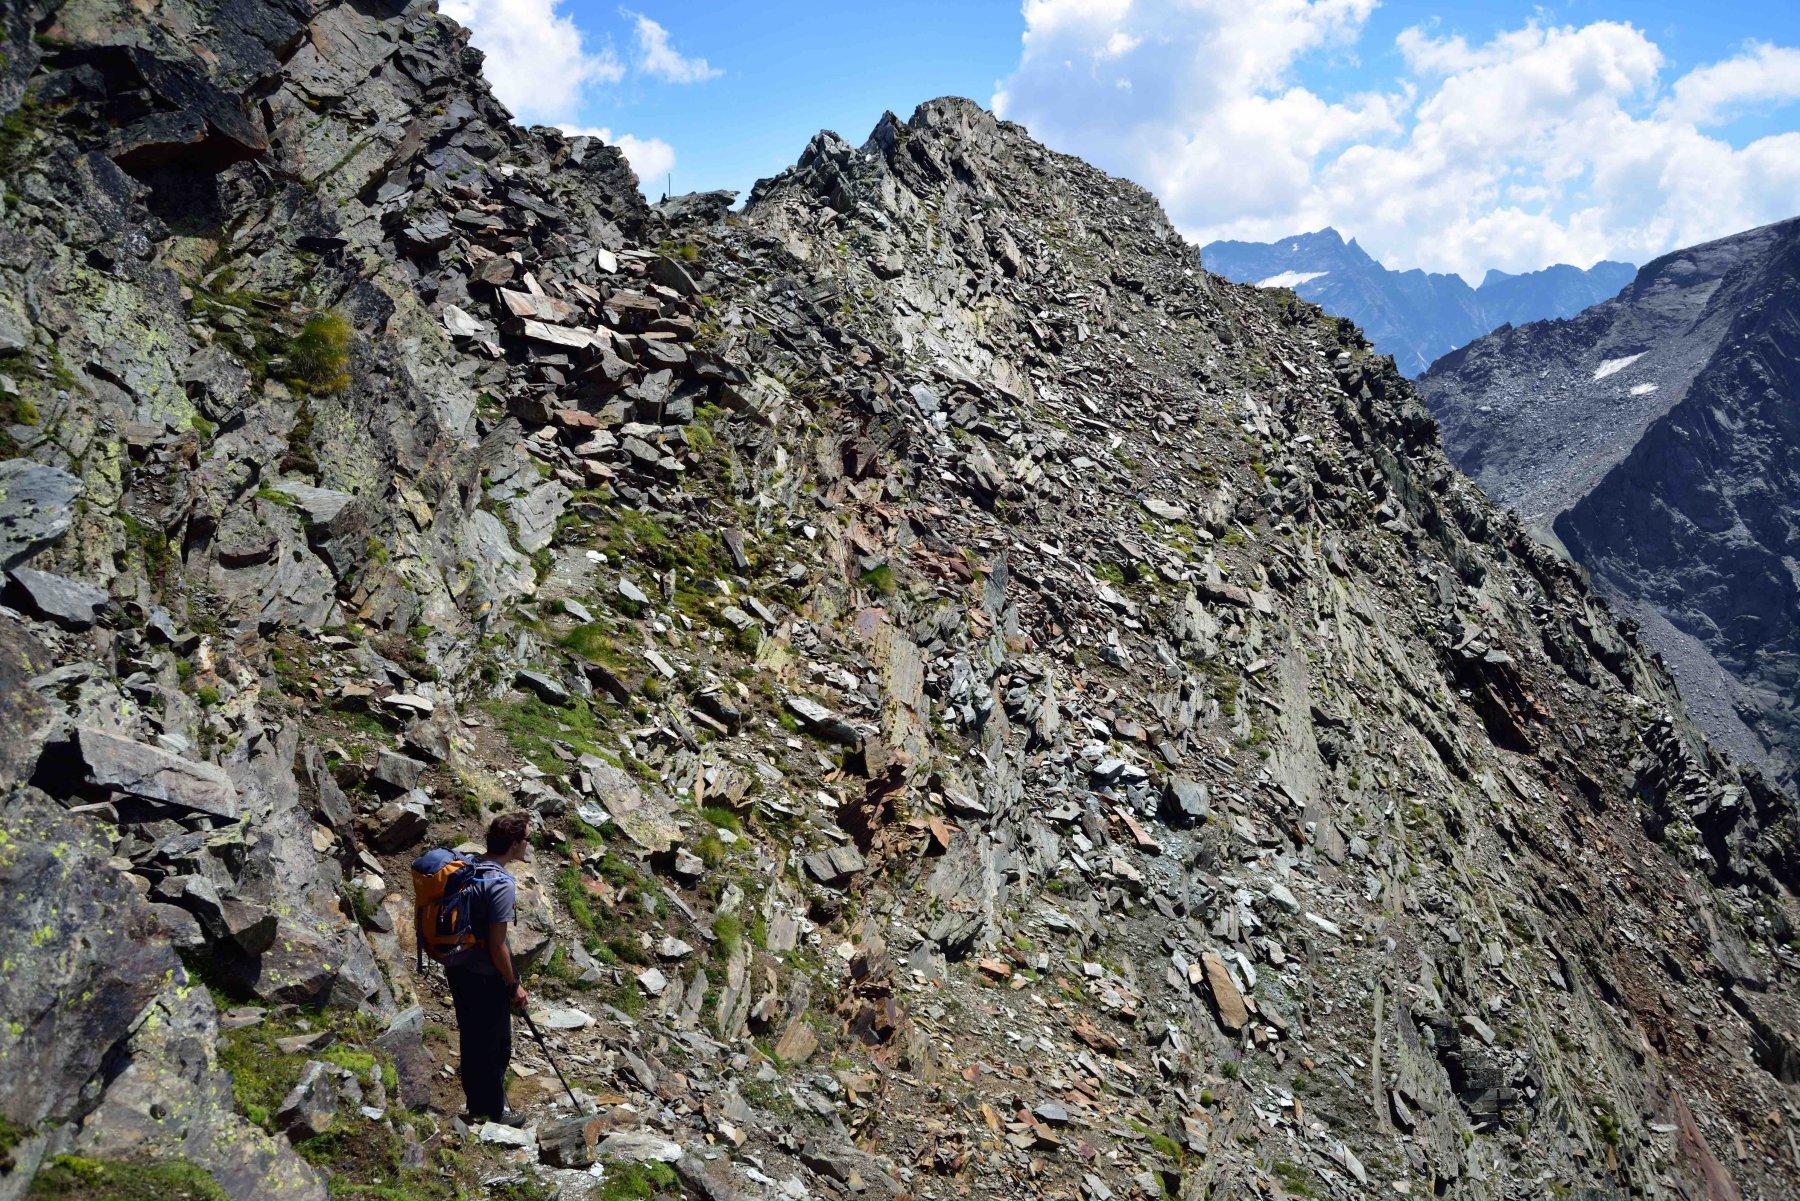 La cengia detritica in versante Valnontey. Un palo segnala il colletto sulla cresta.